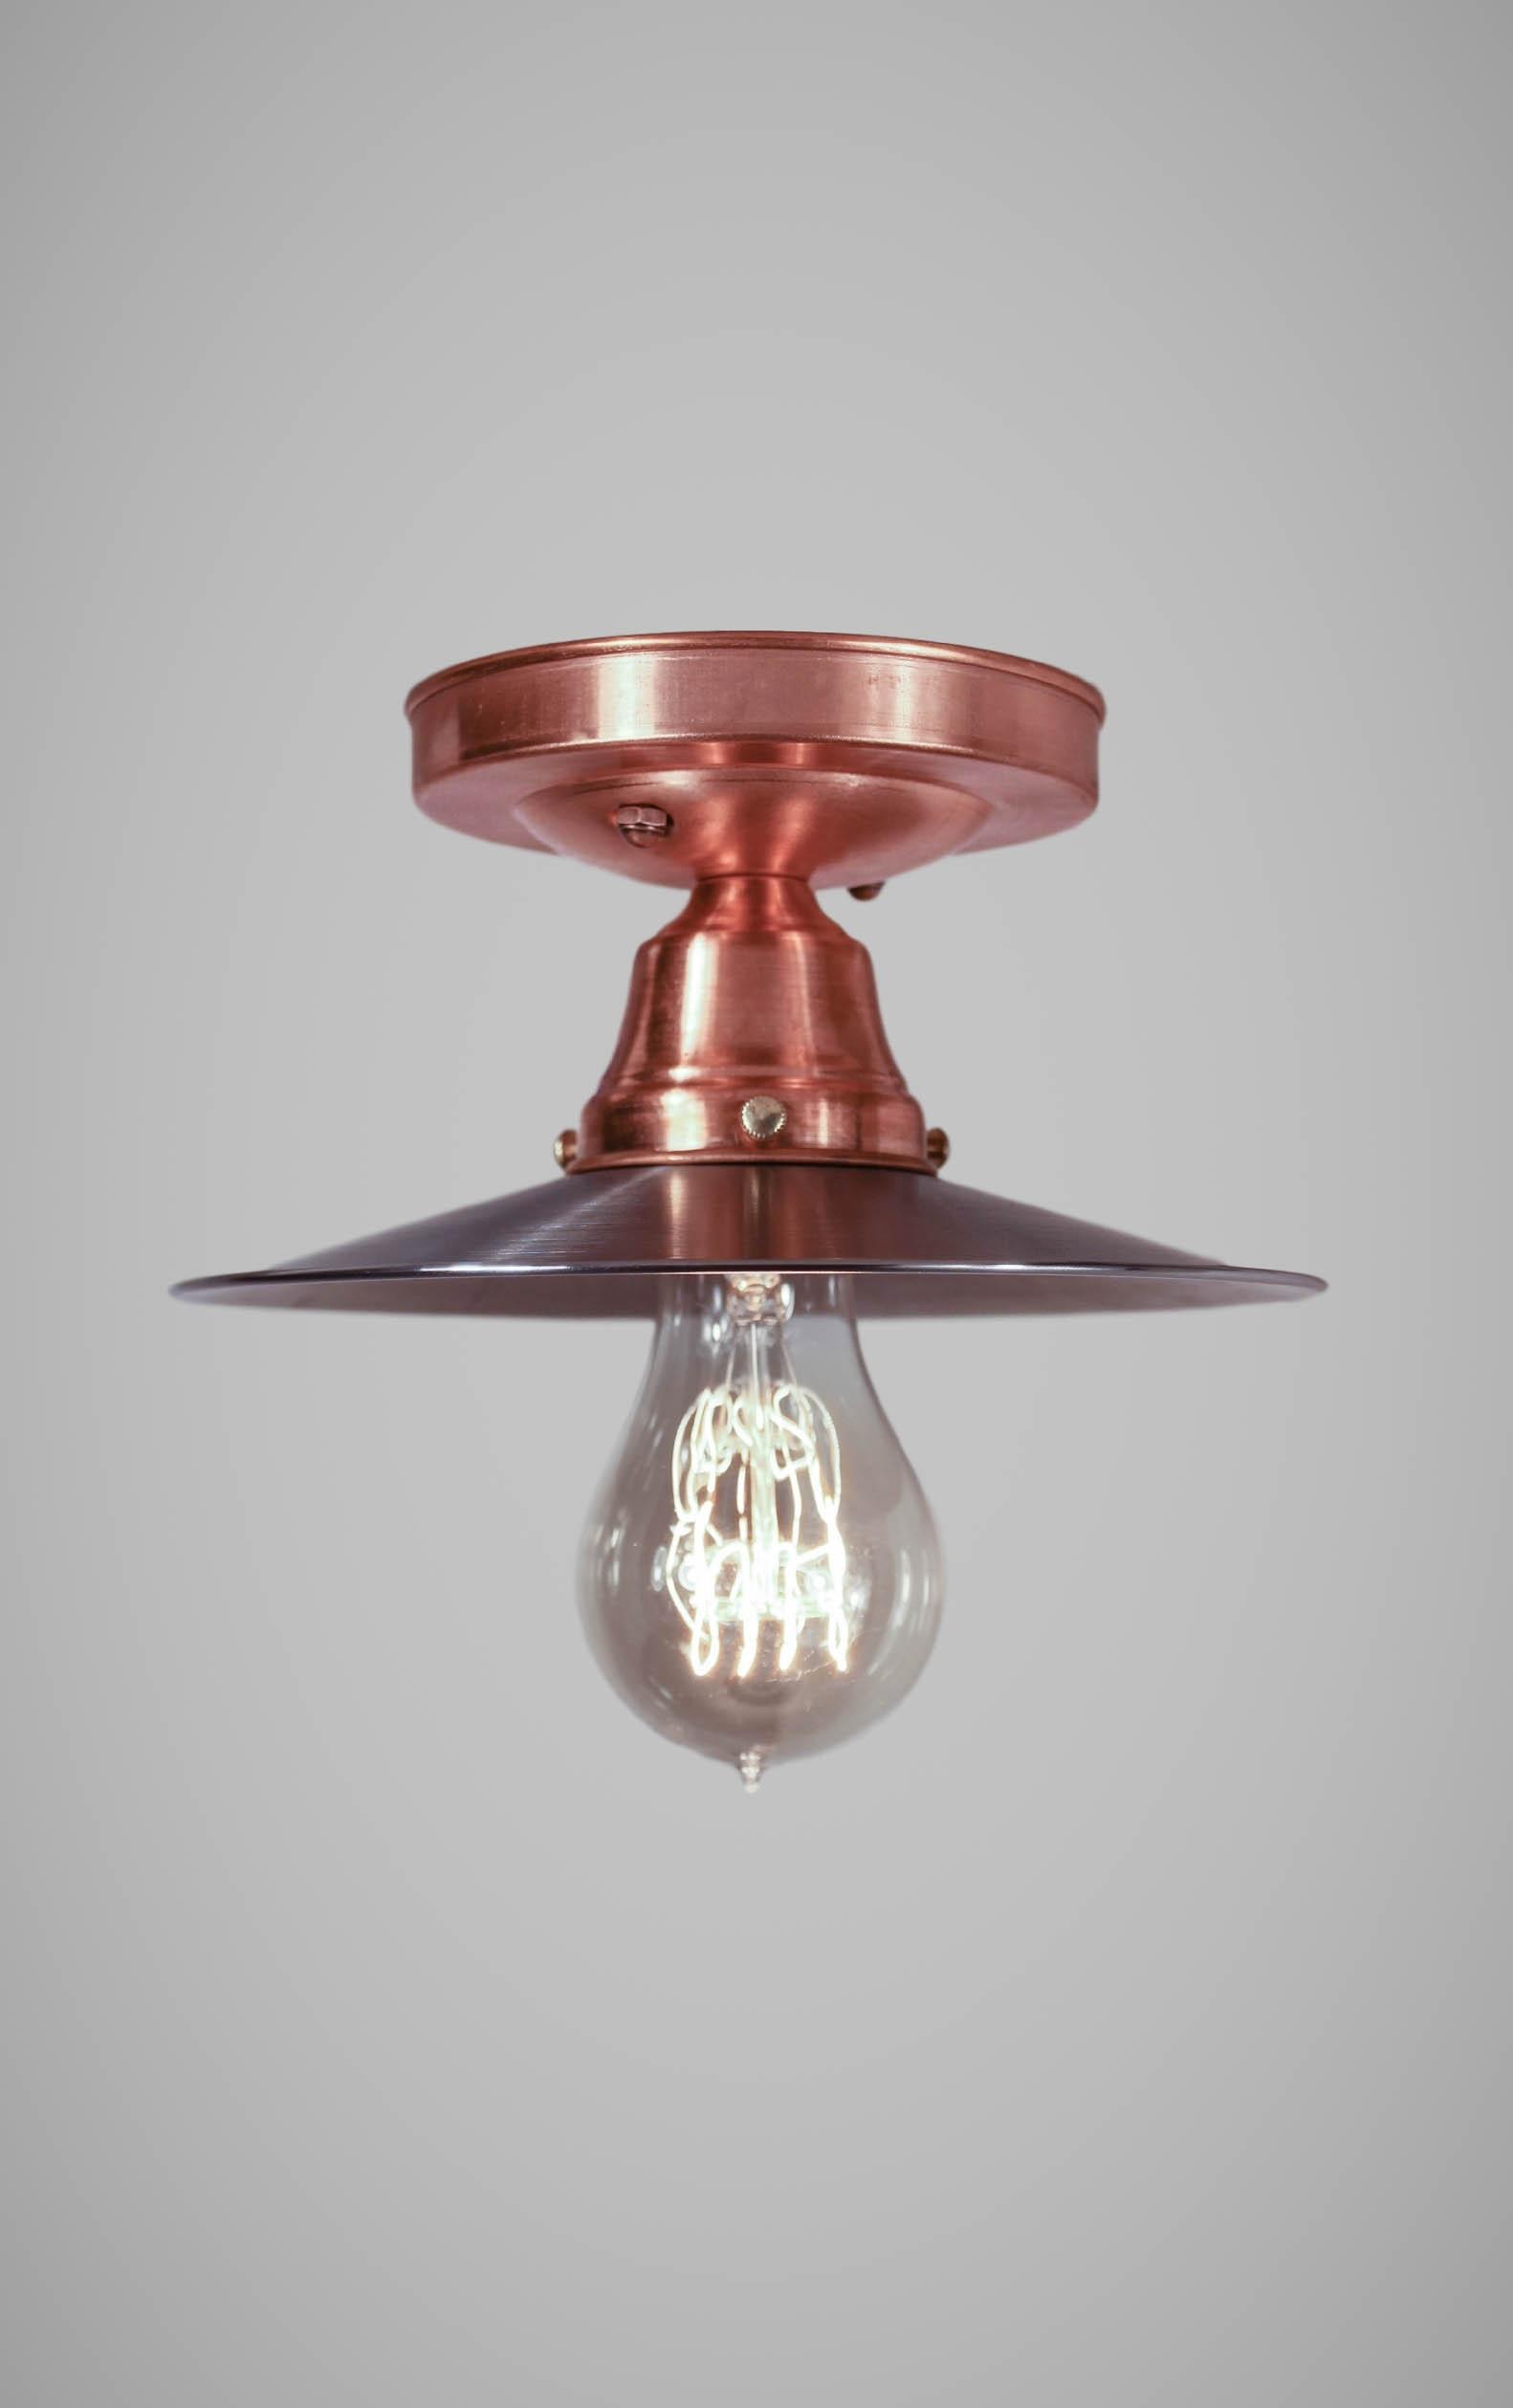 Copper Flushmount Ceiling Light Vintage Industrial